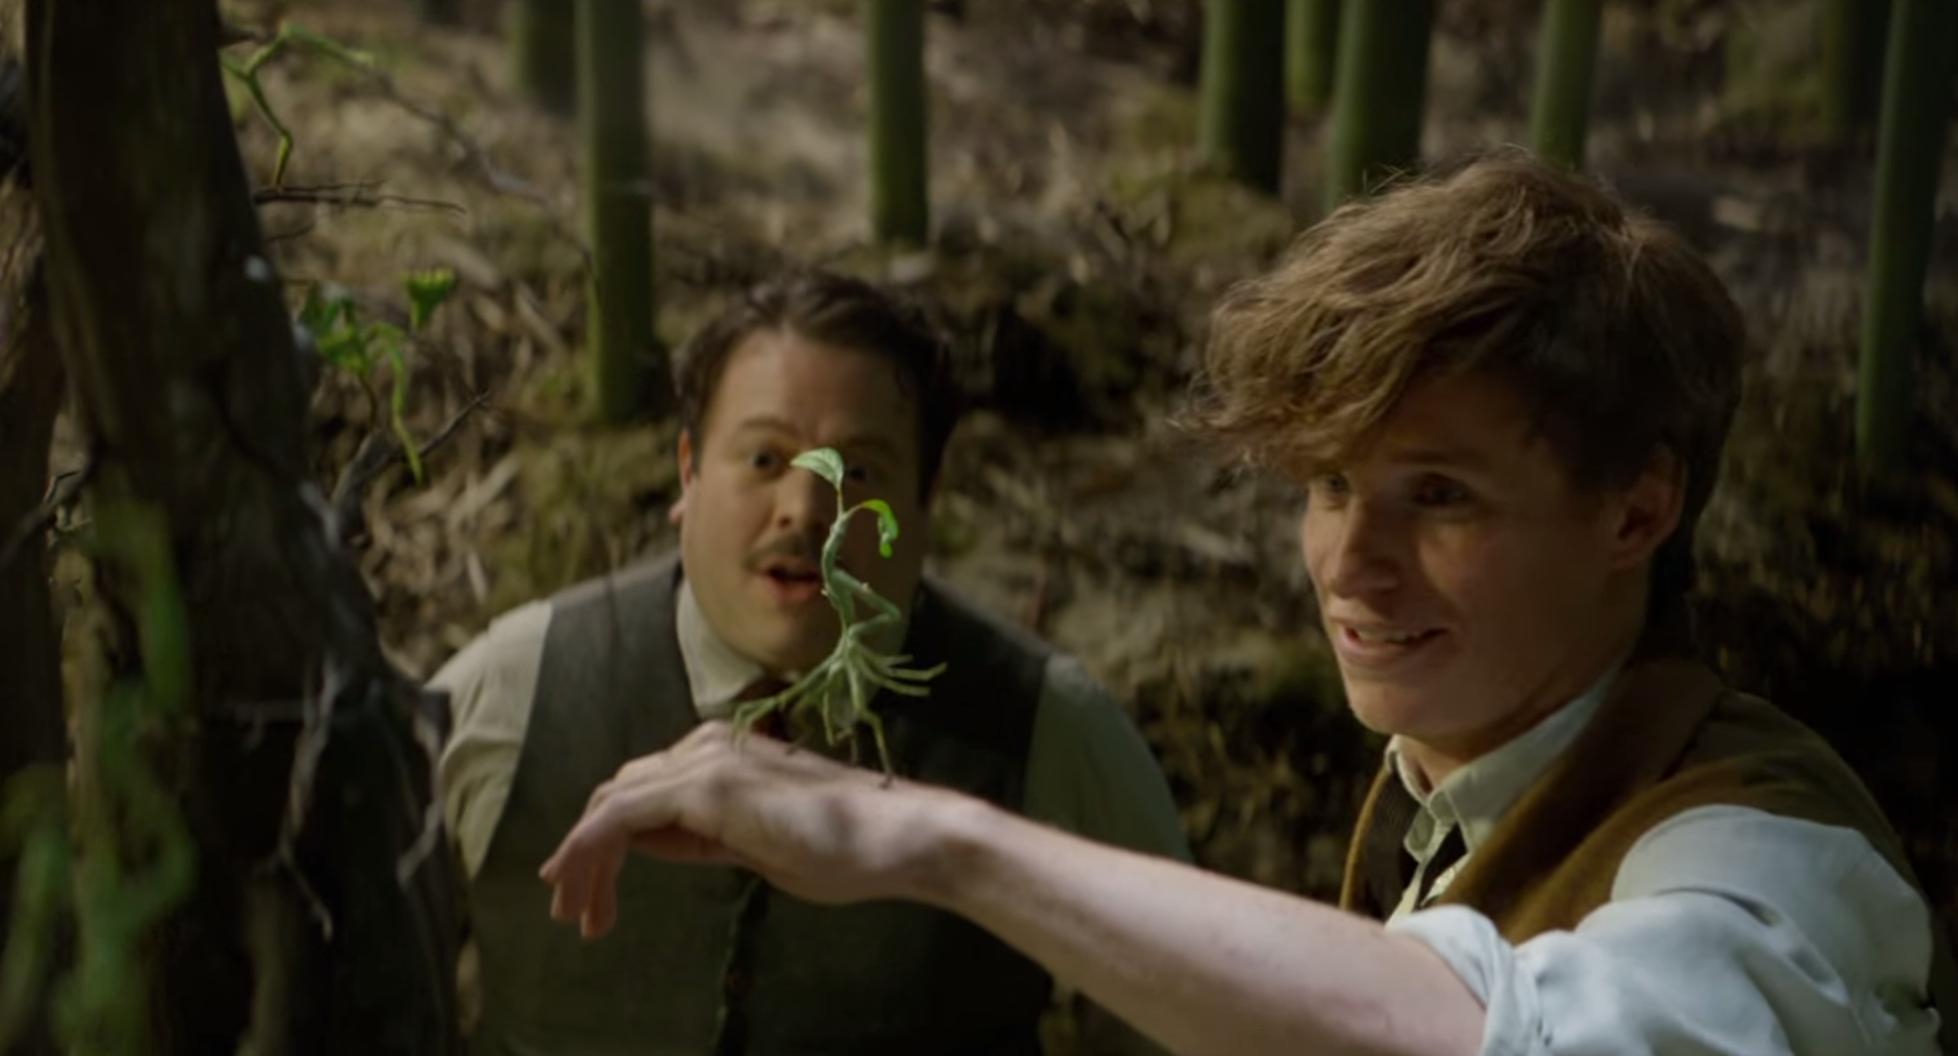 Newt Scamander lebih nyaman berinteraksi dengan binatang dibanding manusia lain.